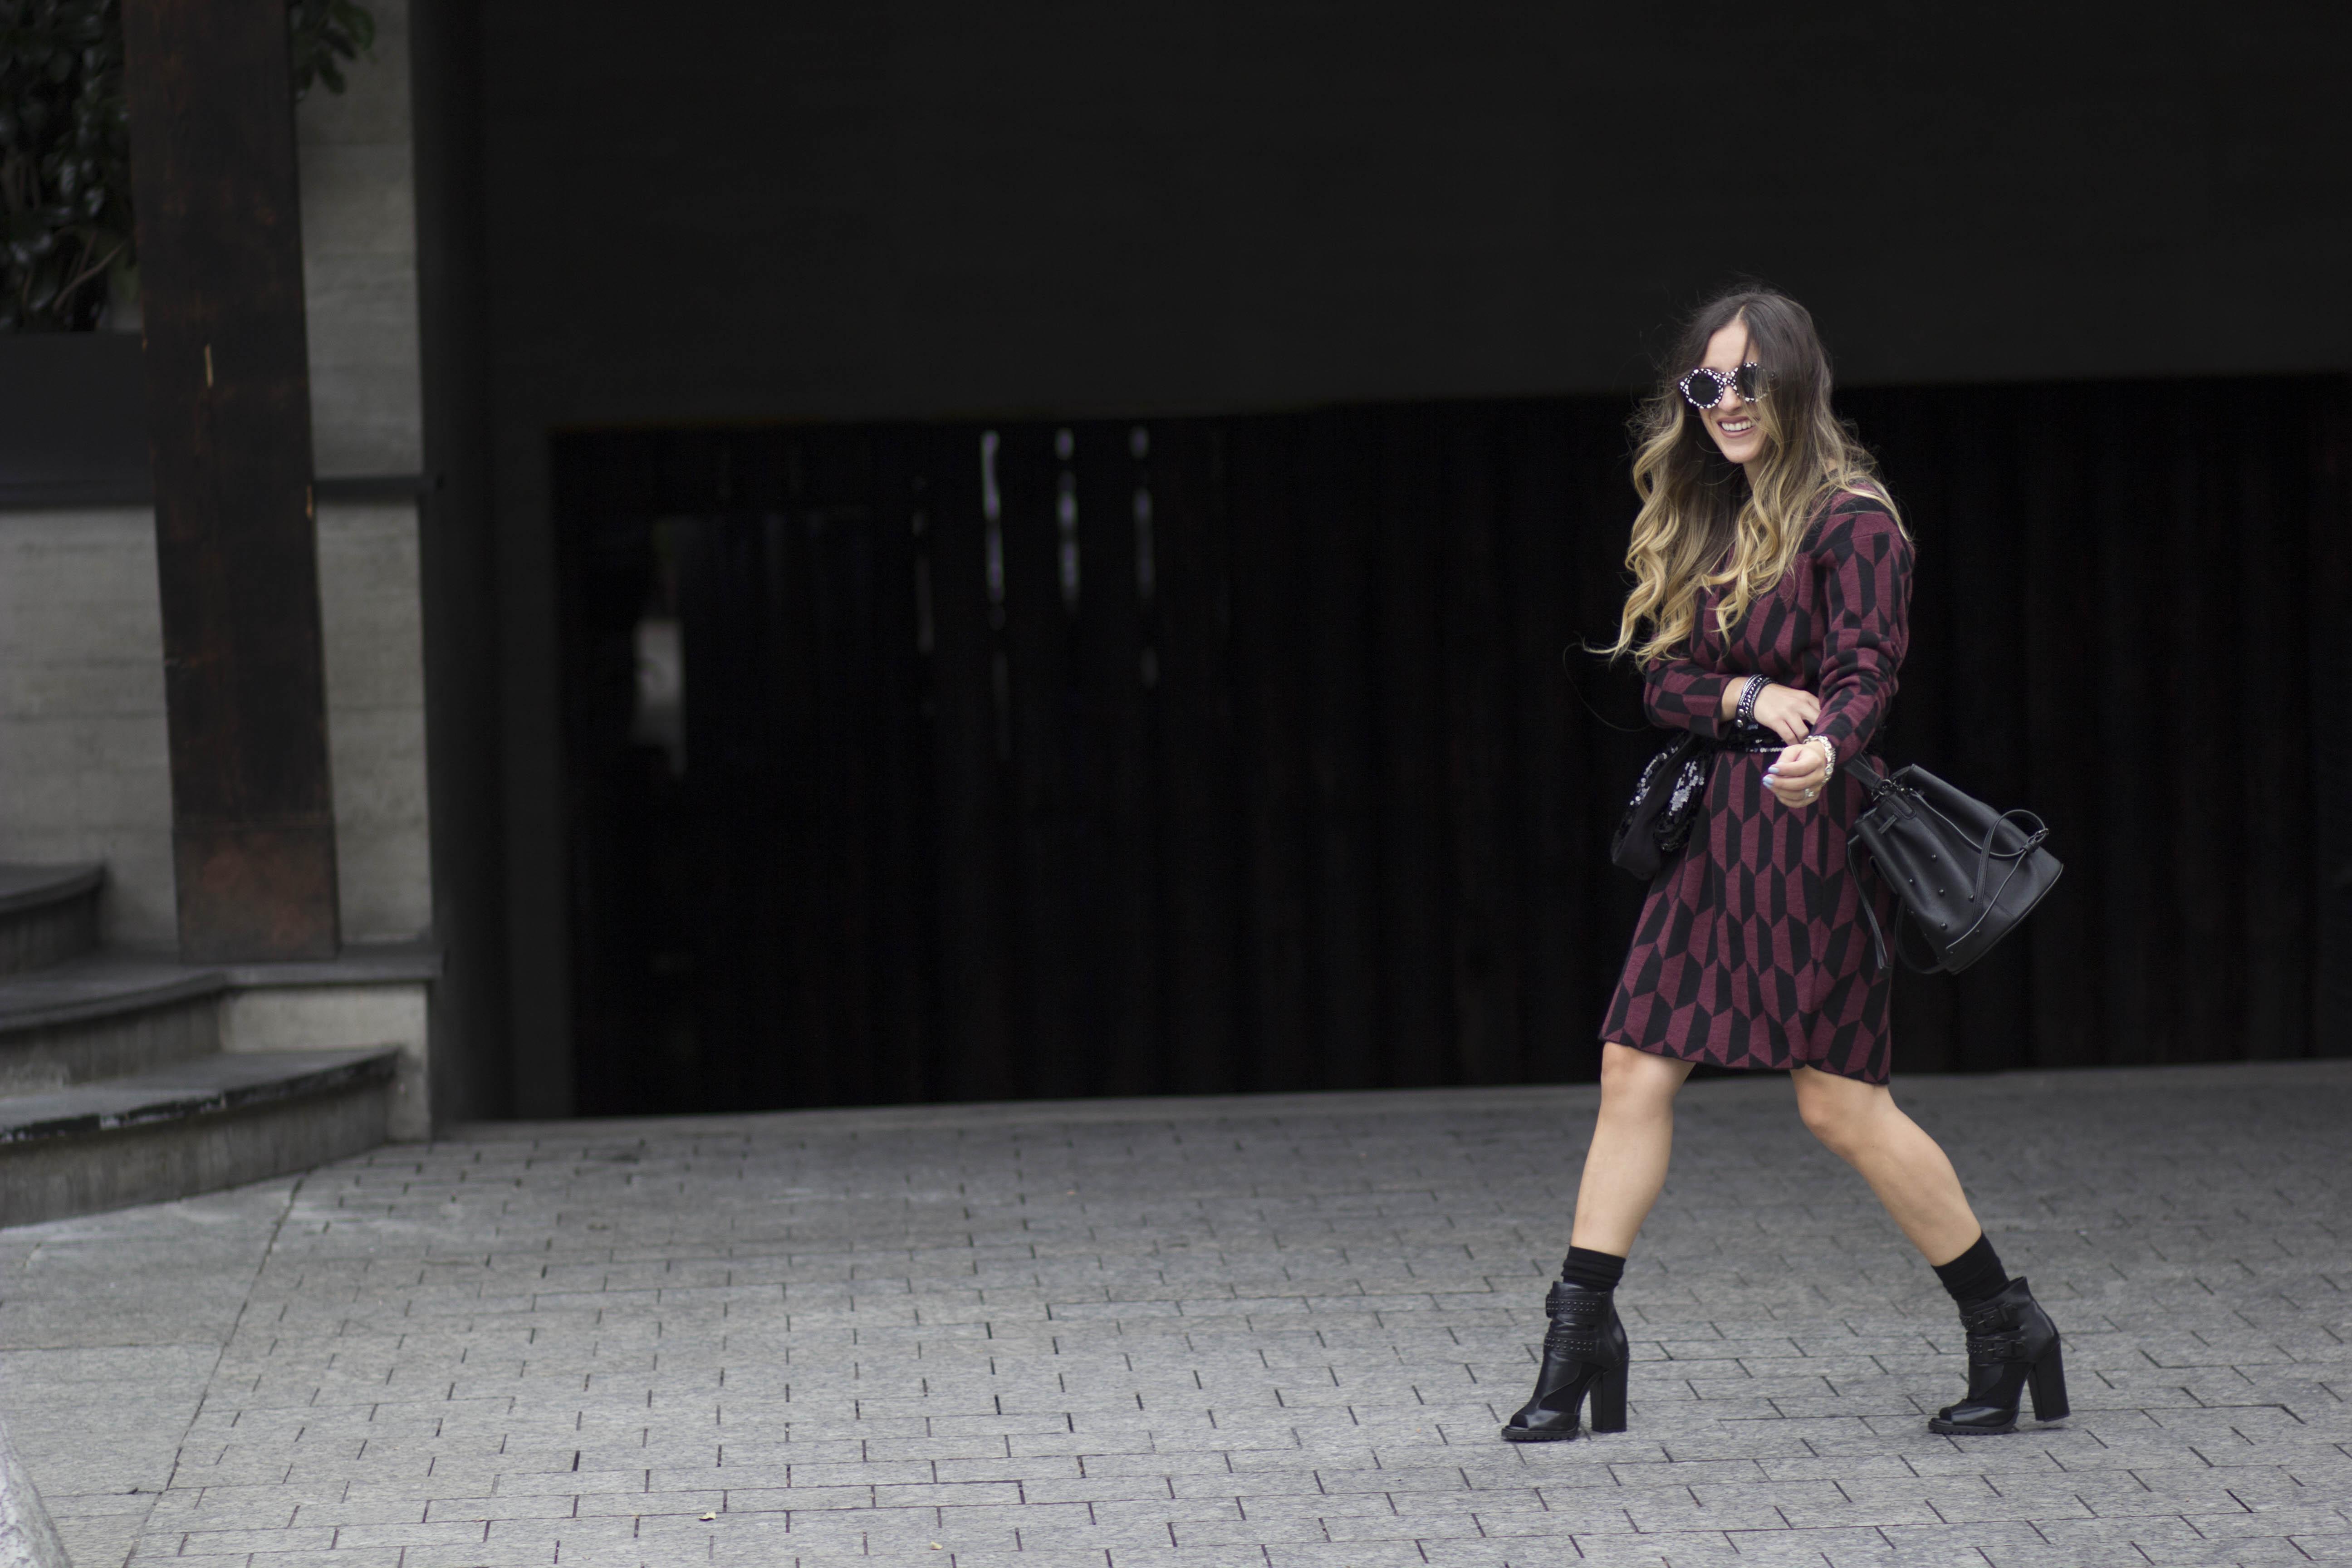 bettina__guisa_benetton_mexicanblogger_fashionblogger_15